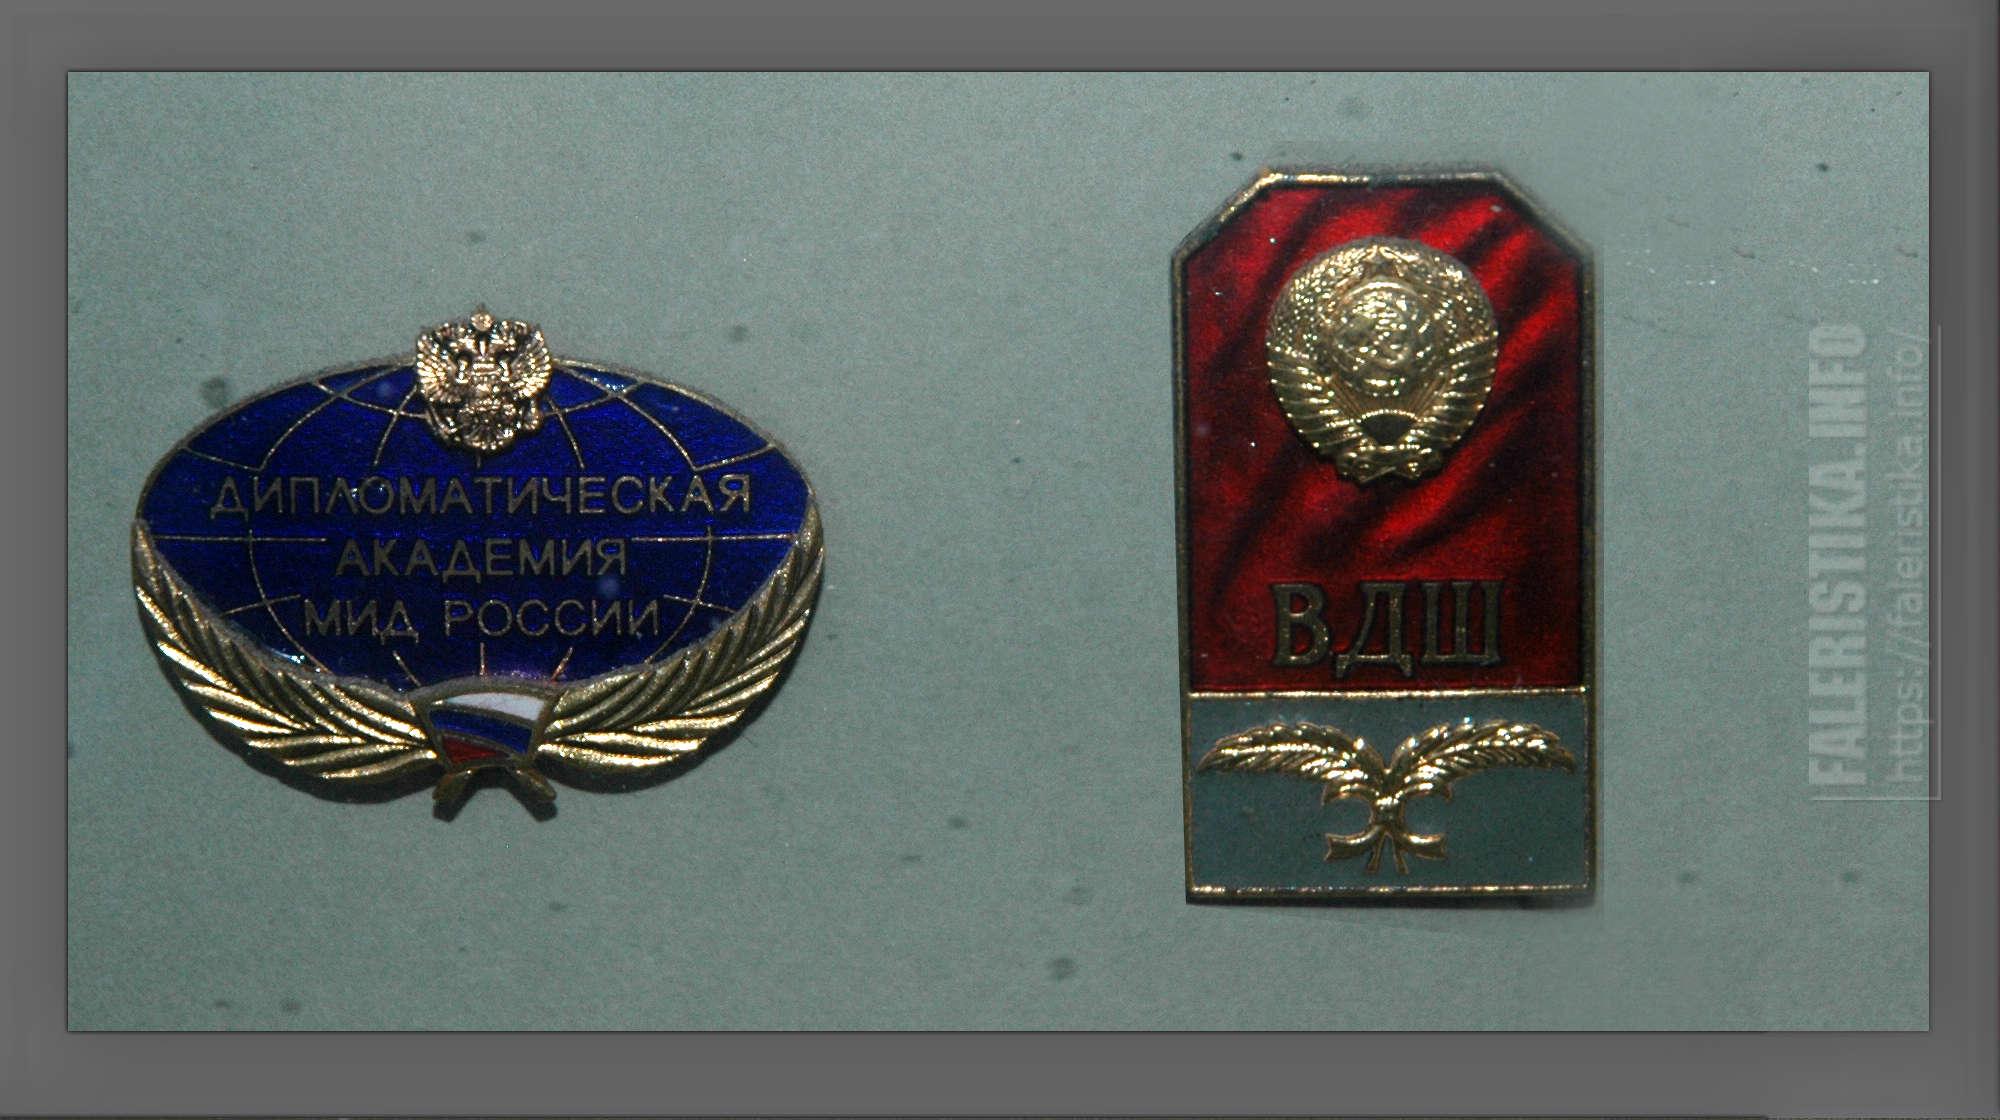 Нагрудные знаки ВДШ (Высшая дипломатическая школа СССР) и Дипломатическая академия Министерства иностранных дел России